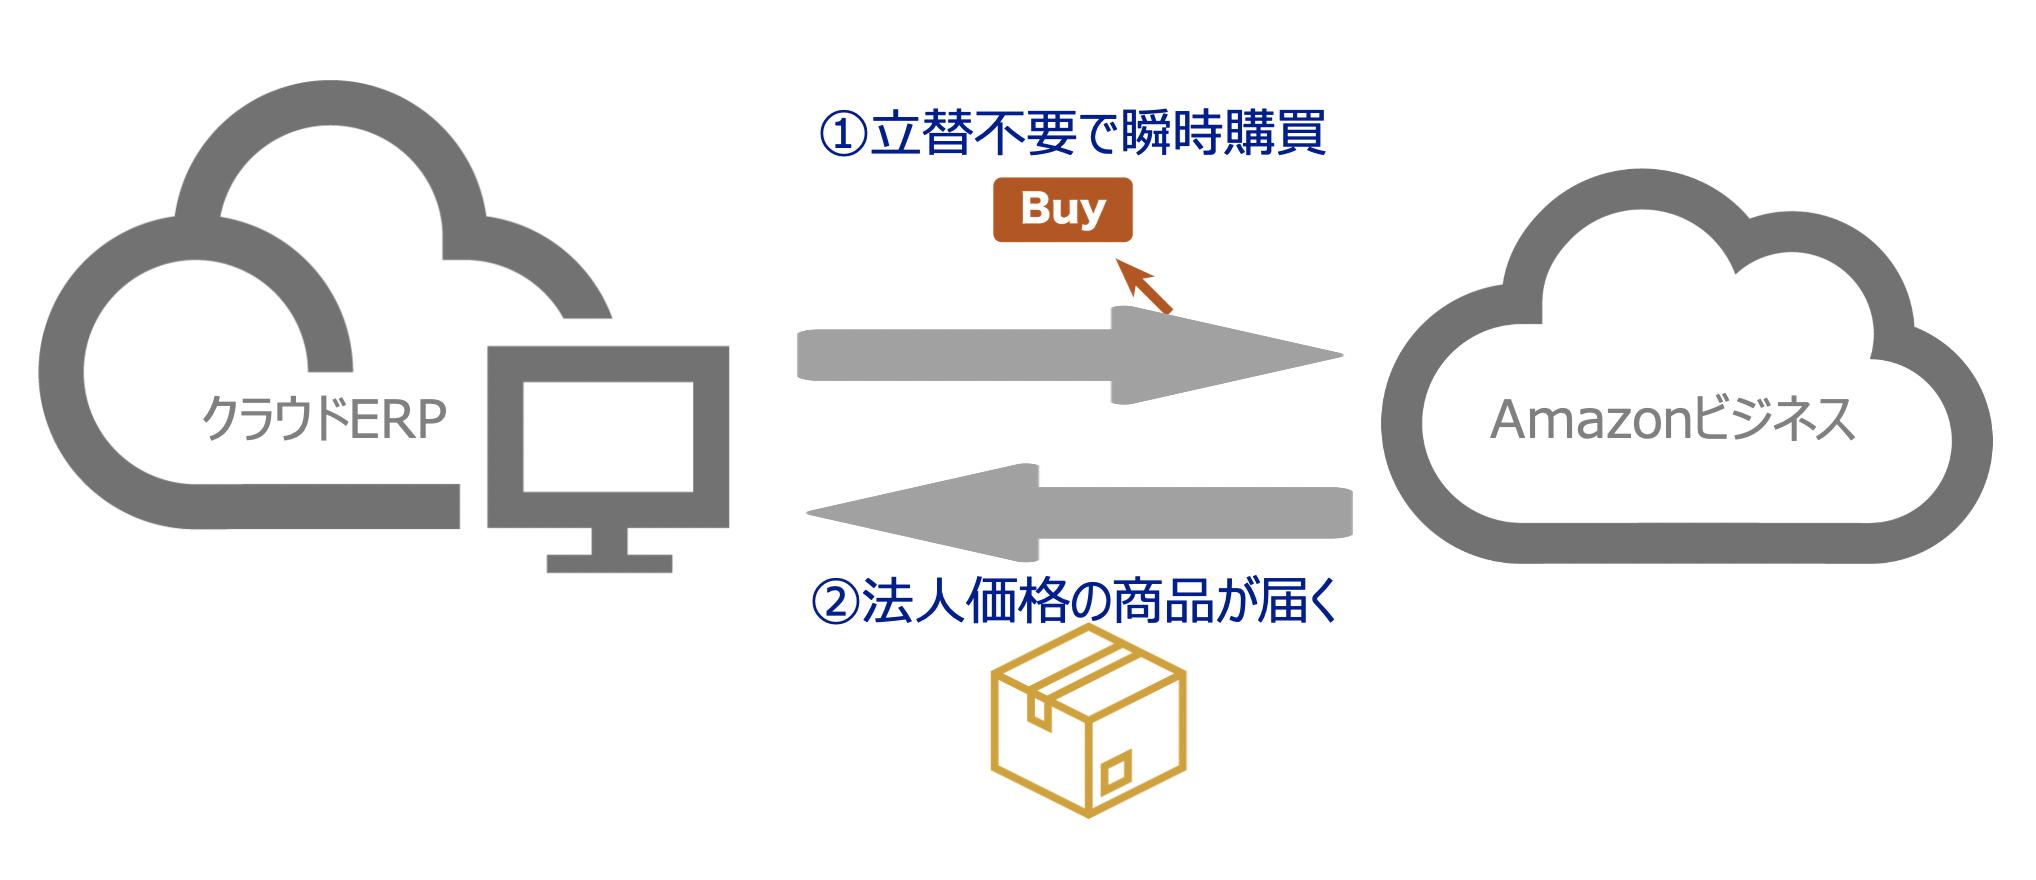 Amazon Business経費購買をクラウドERPで実現、立替支払をなくし経費精算処理もわずか数秒で!